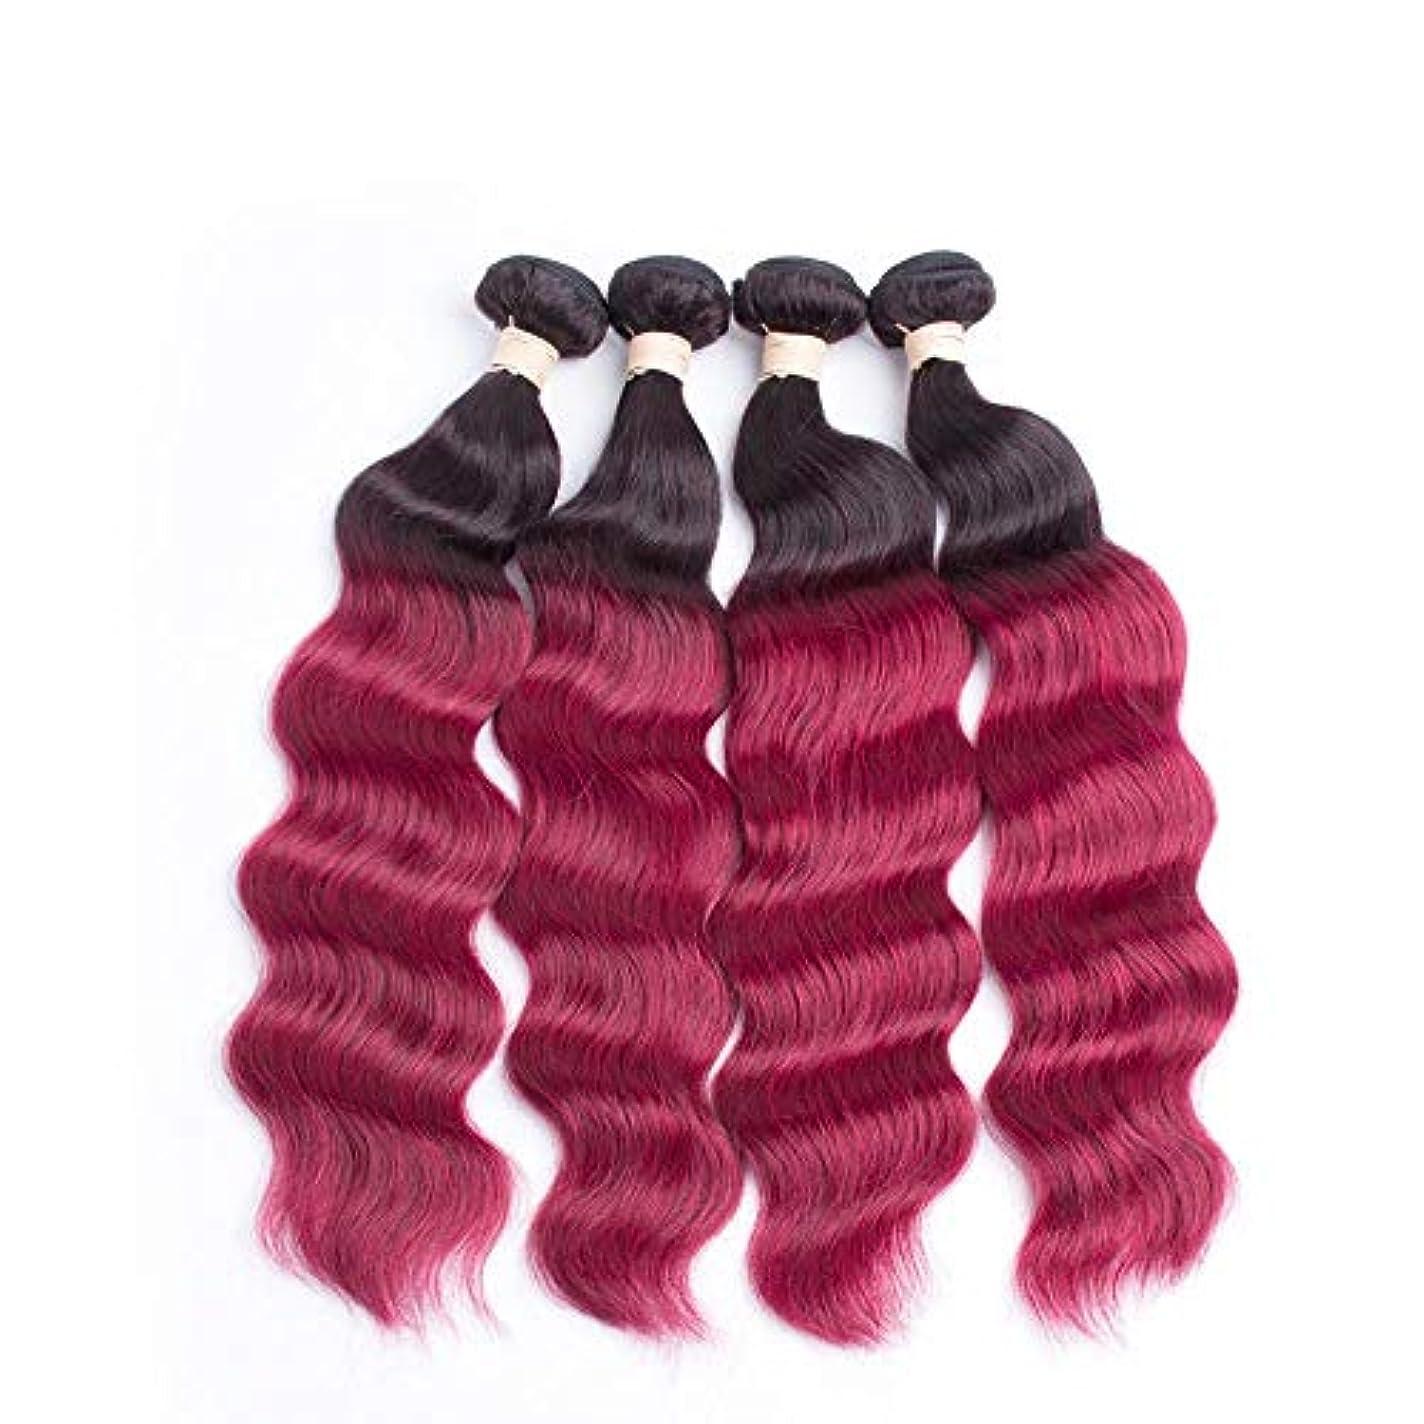 複製するファウルドライブHOHYLLYA ワインレッドの色ブラジルのディープウェーブヘアバンドル100%人毛エクステンション - #1B / BURG 2トーンカラー(8